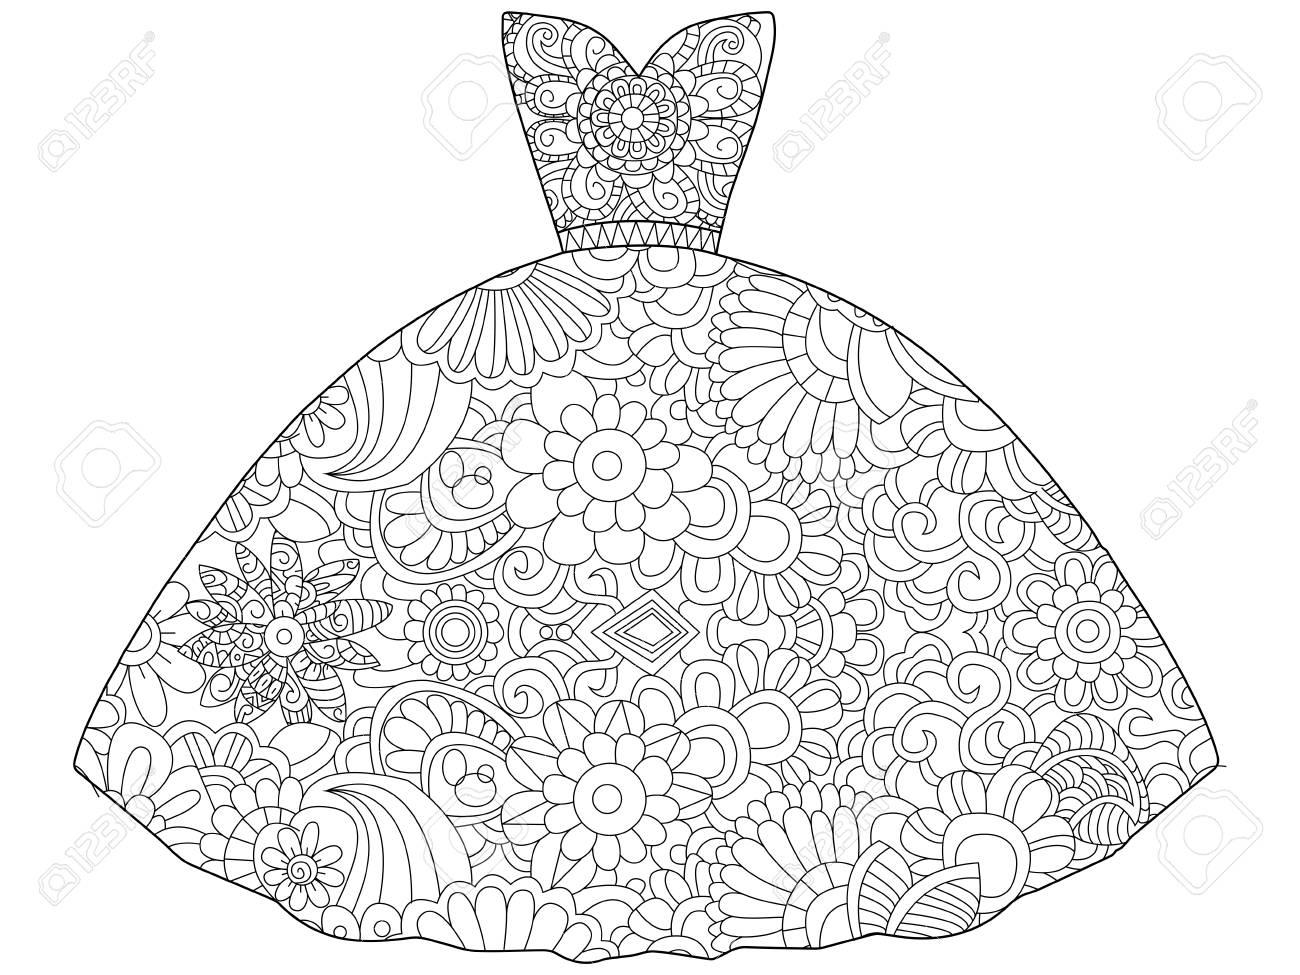 ドレス プリンセス塗り絵のベクトル イラストのイラスト素材ベクタ